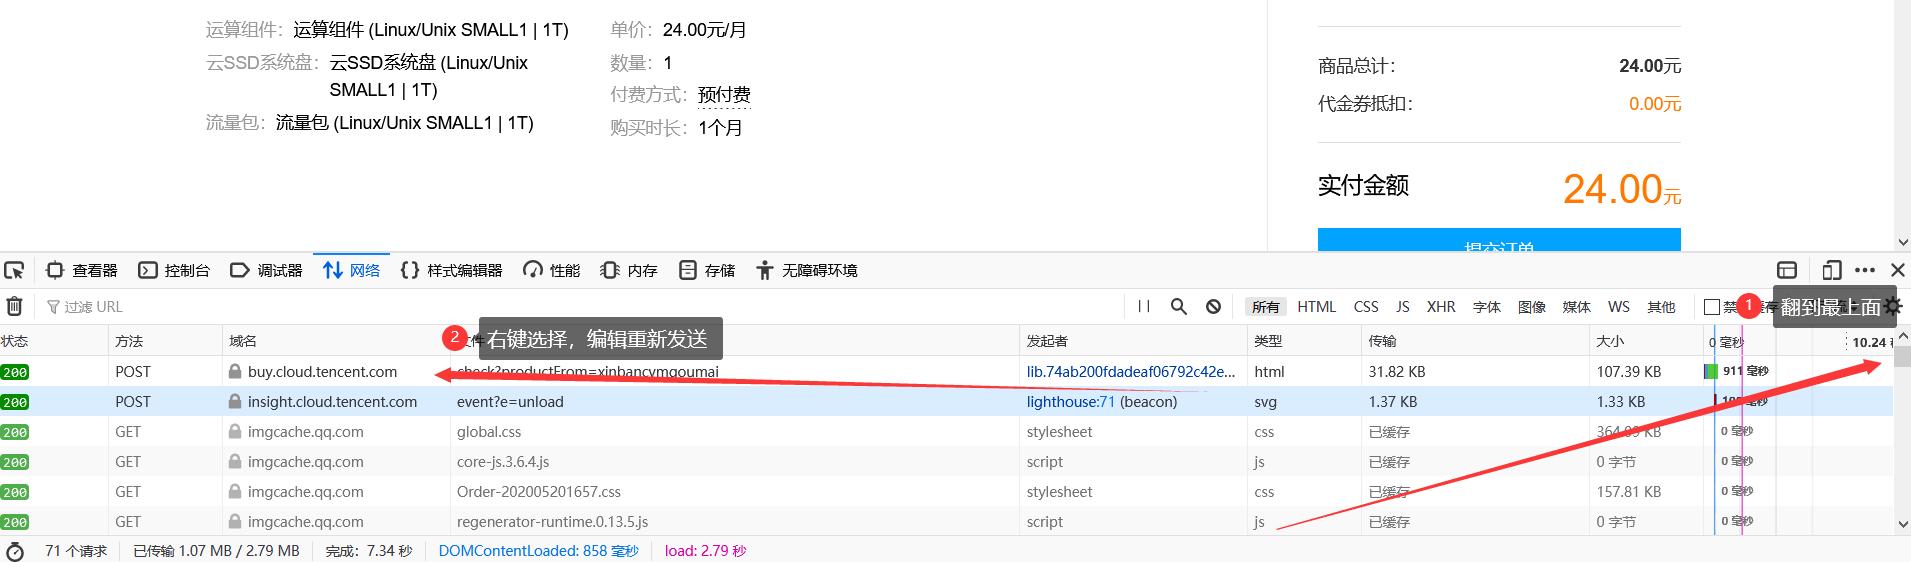 腾讯云轻量hk火狐浏览器开通方法图片版-图3